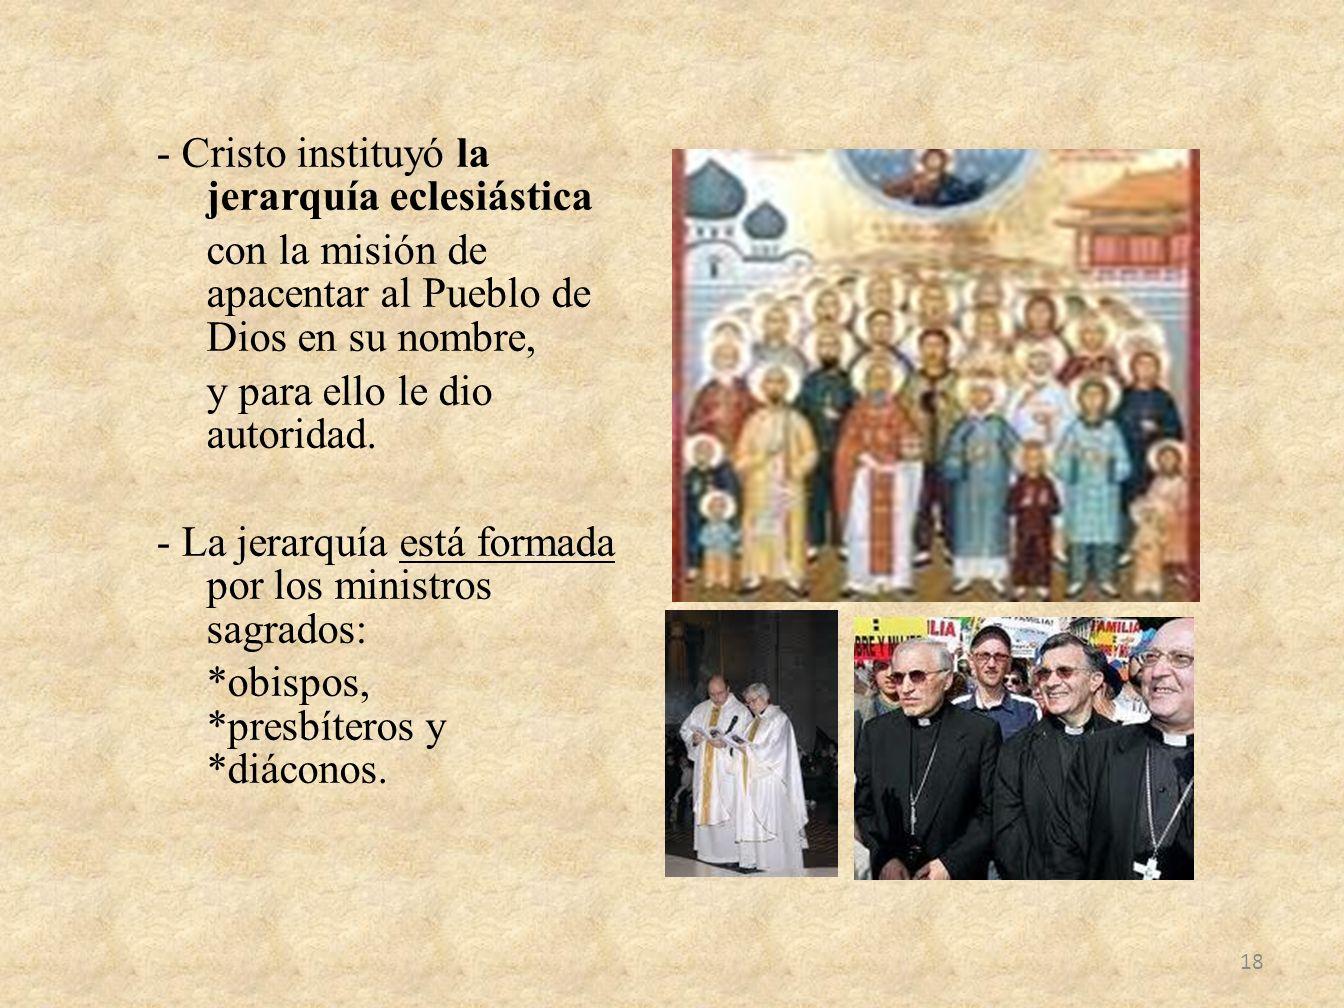 - Cristo instituyó la jerarquía eclesiástica con la misión de apacentar al Pueblo de Dios en su nombre, y para ello le dio autoridad.